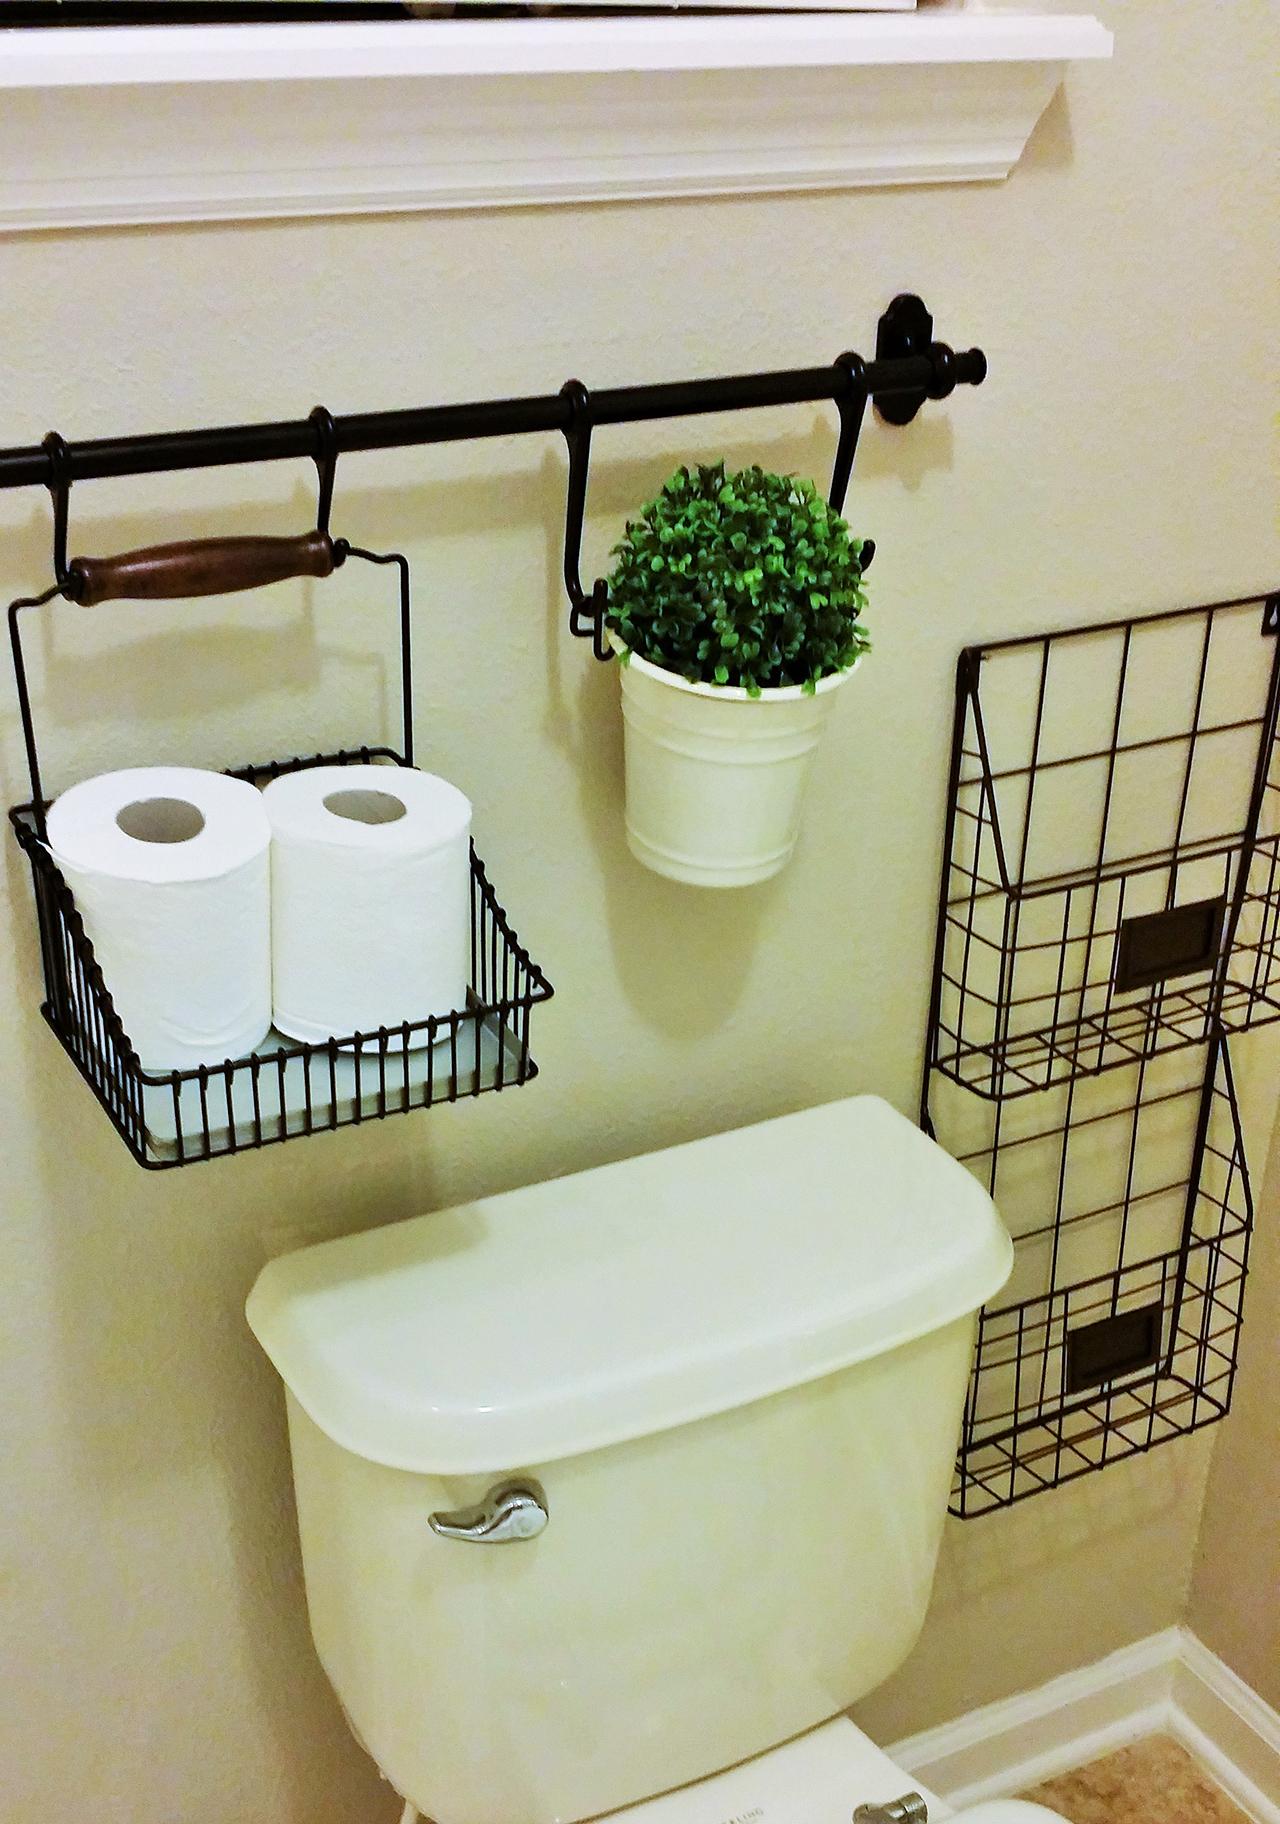 Слинг-держатель для туалетной бумаги